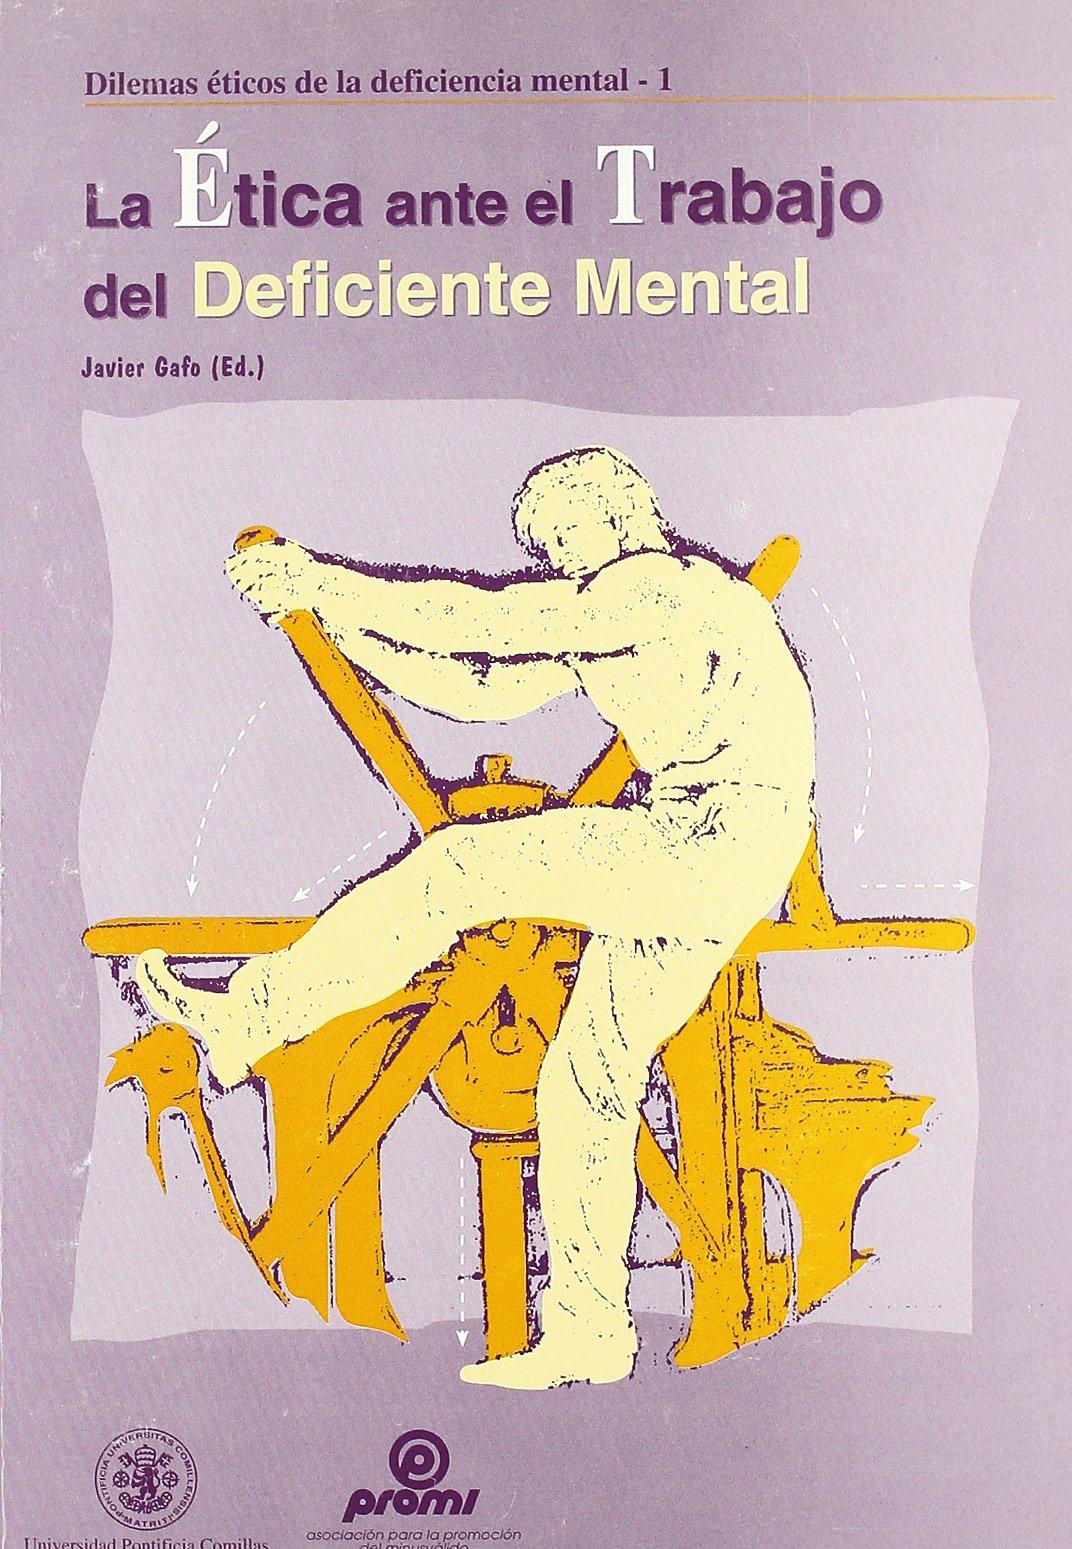 La Etica Ante El Trabajo del Deficiente Mental (Publicaciones de la Universidad Pontificia Comillas) (Spanish Edition) by Upco